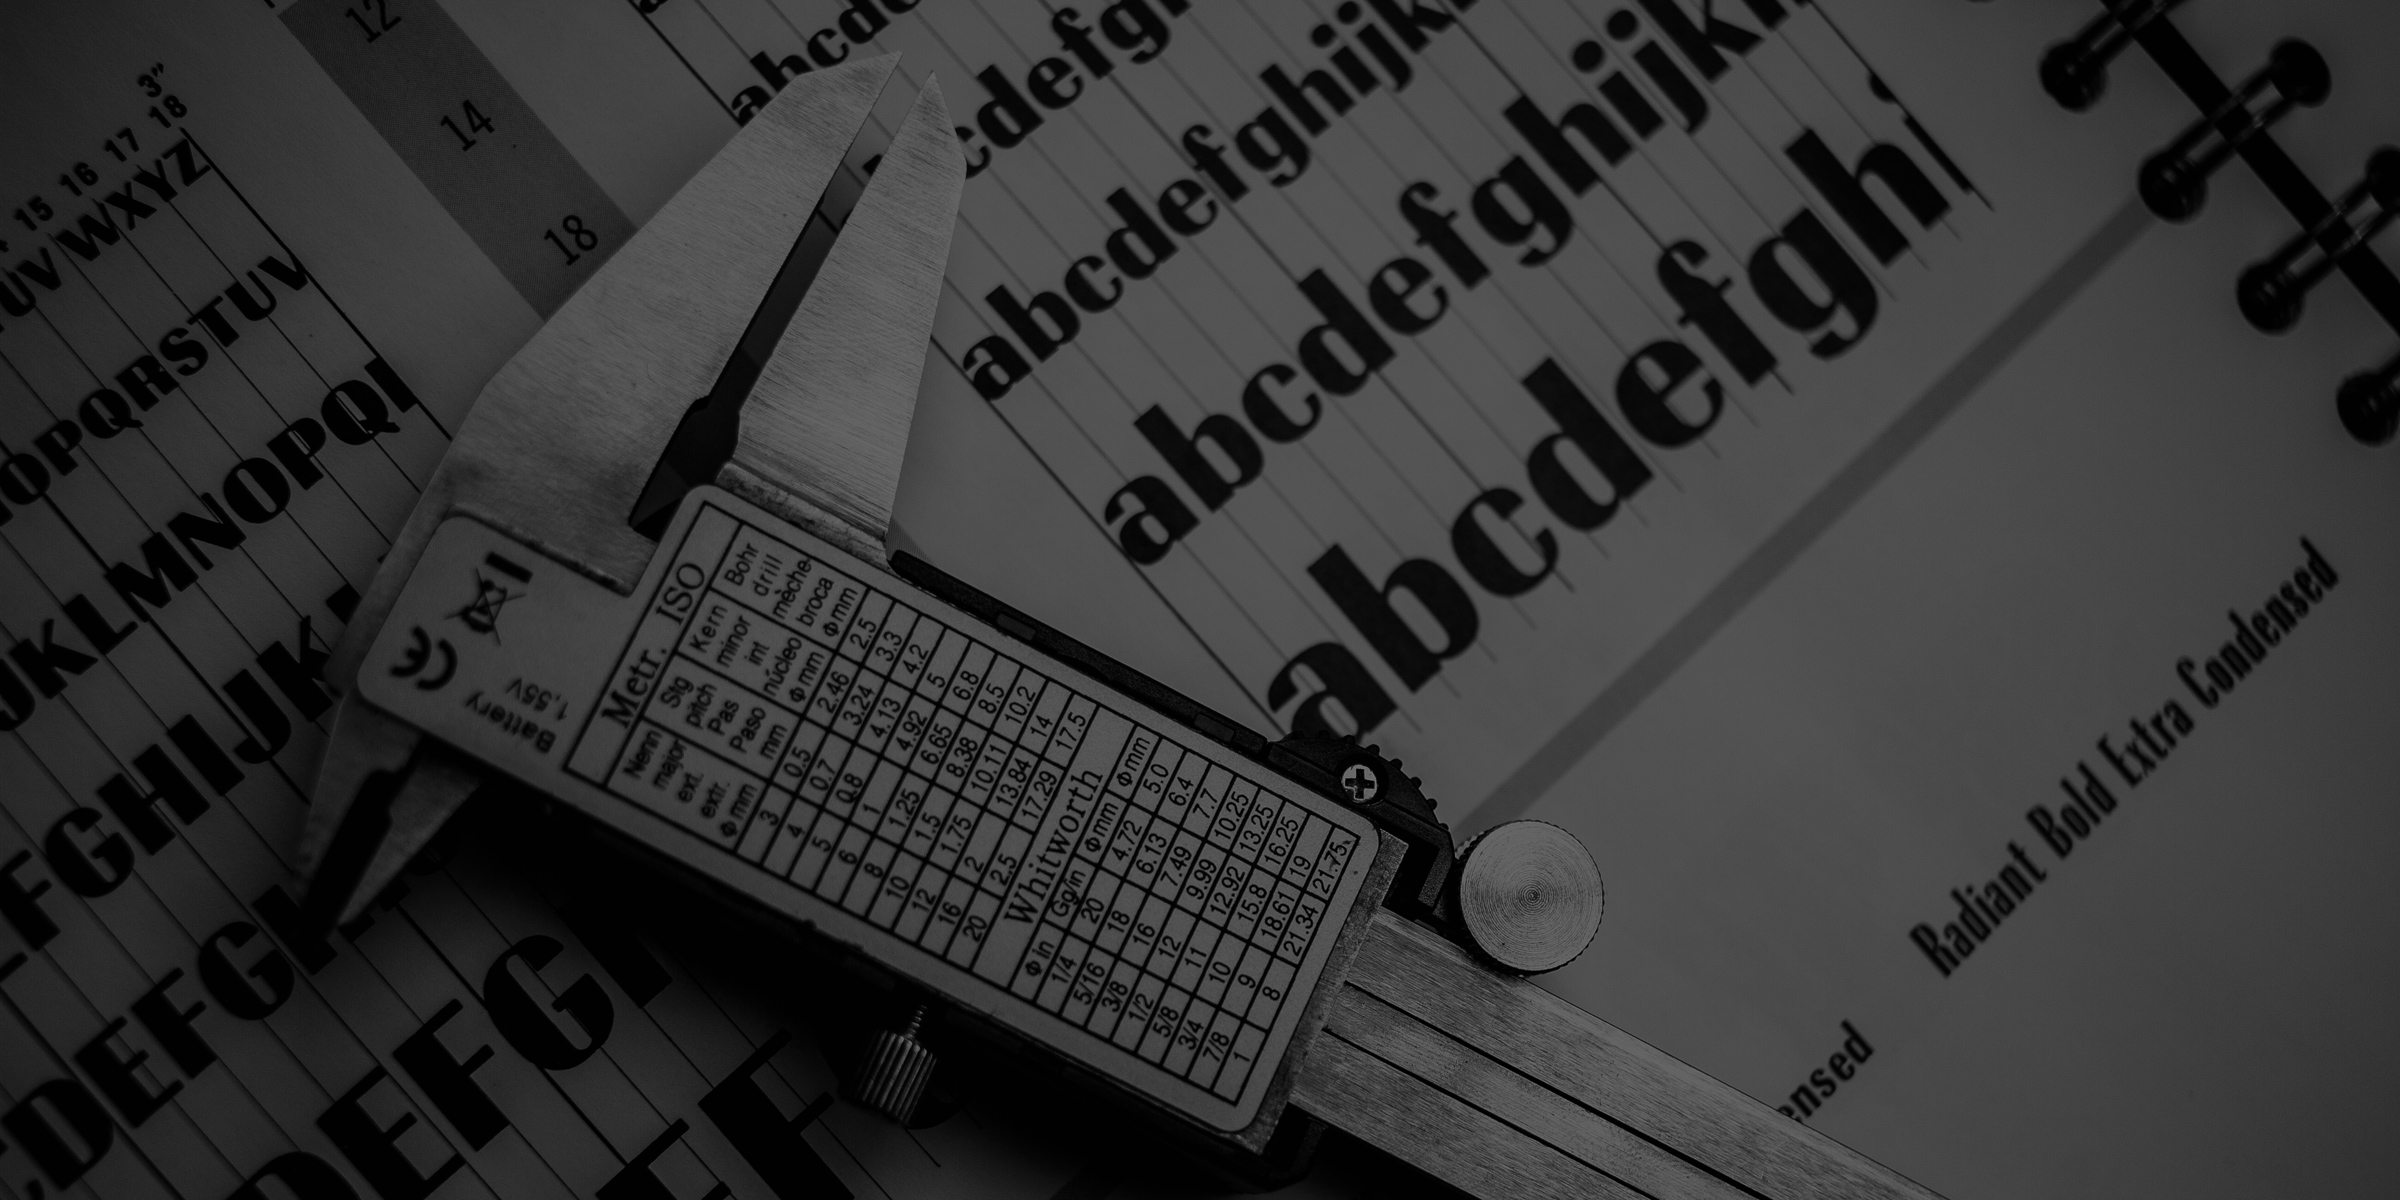 Ludlow Radiant type specimen background, photo by Josh Korwin